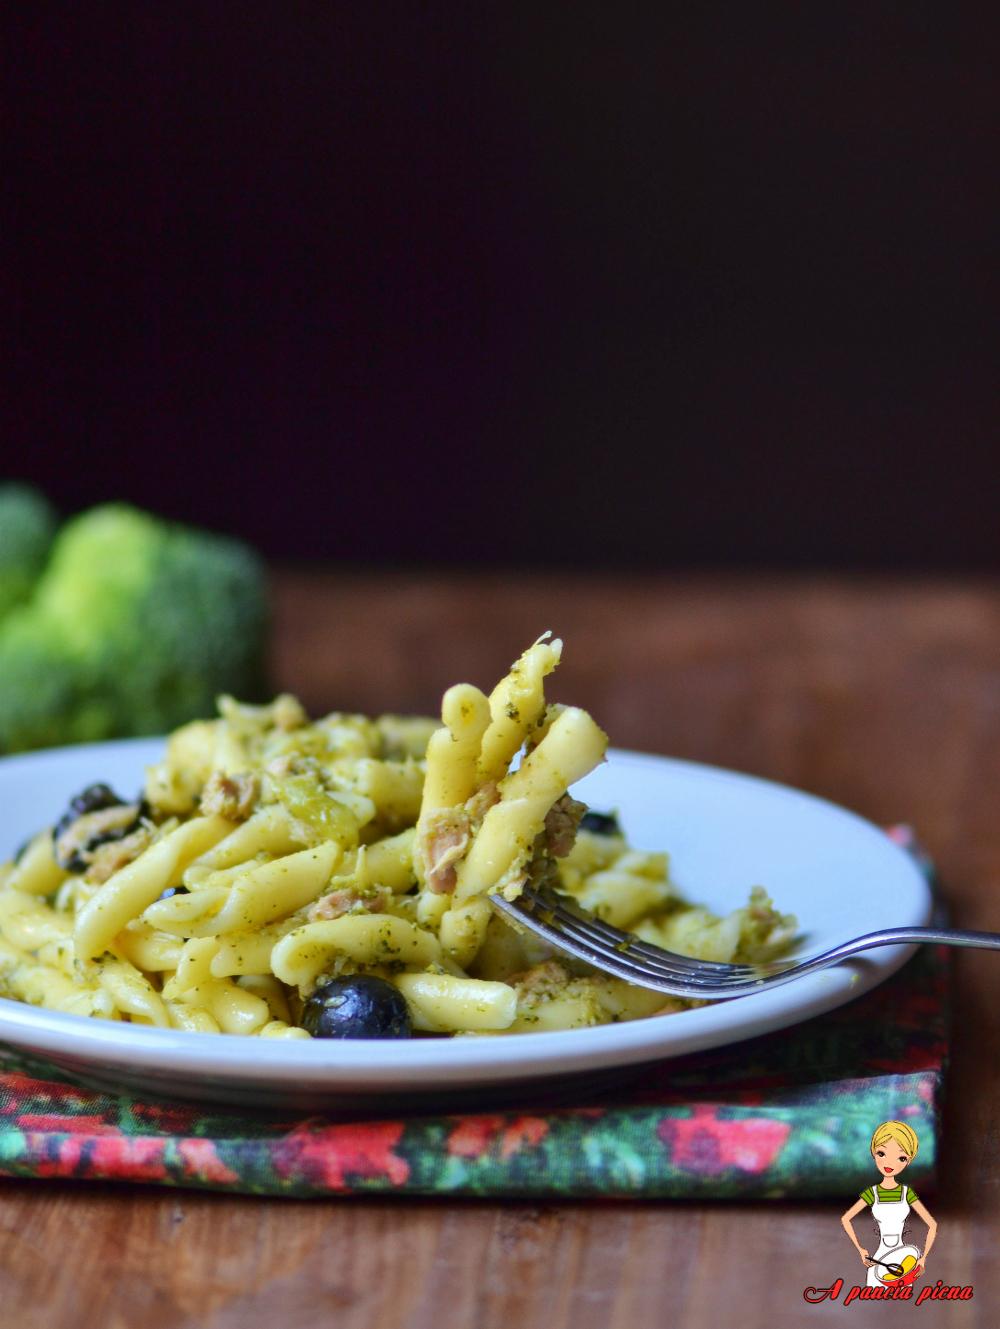 strozzapreti con broccoli e tonno a pancia piena